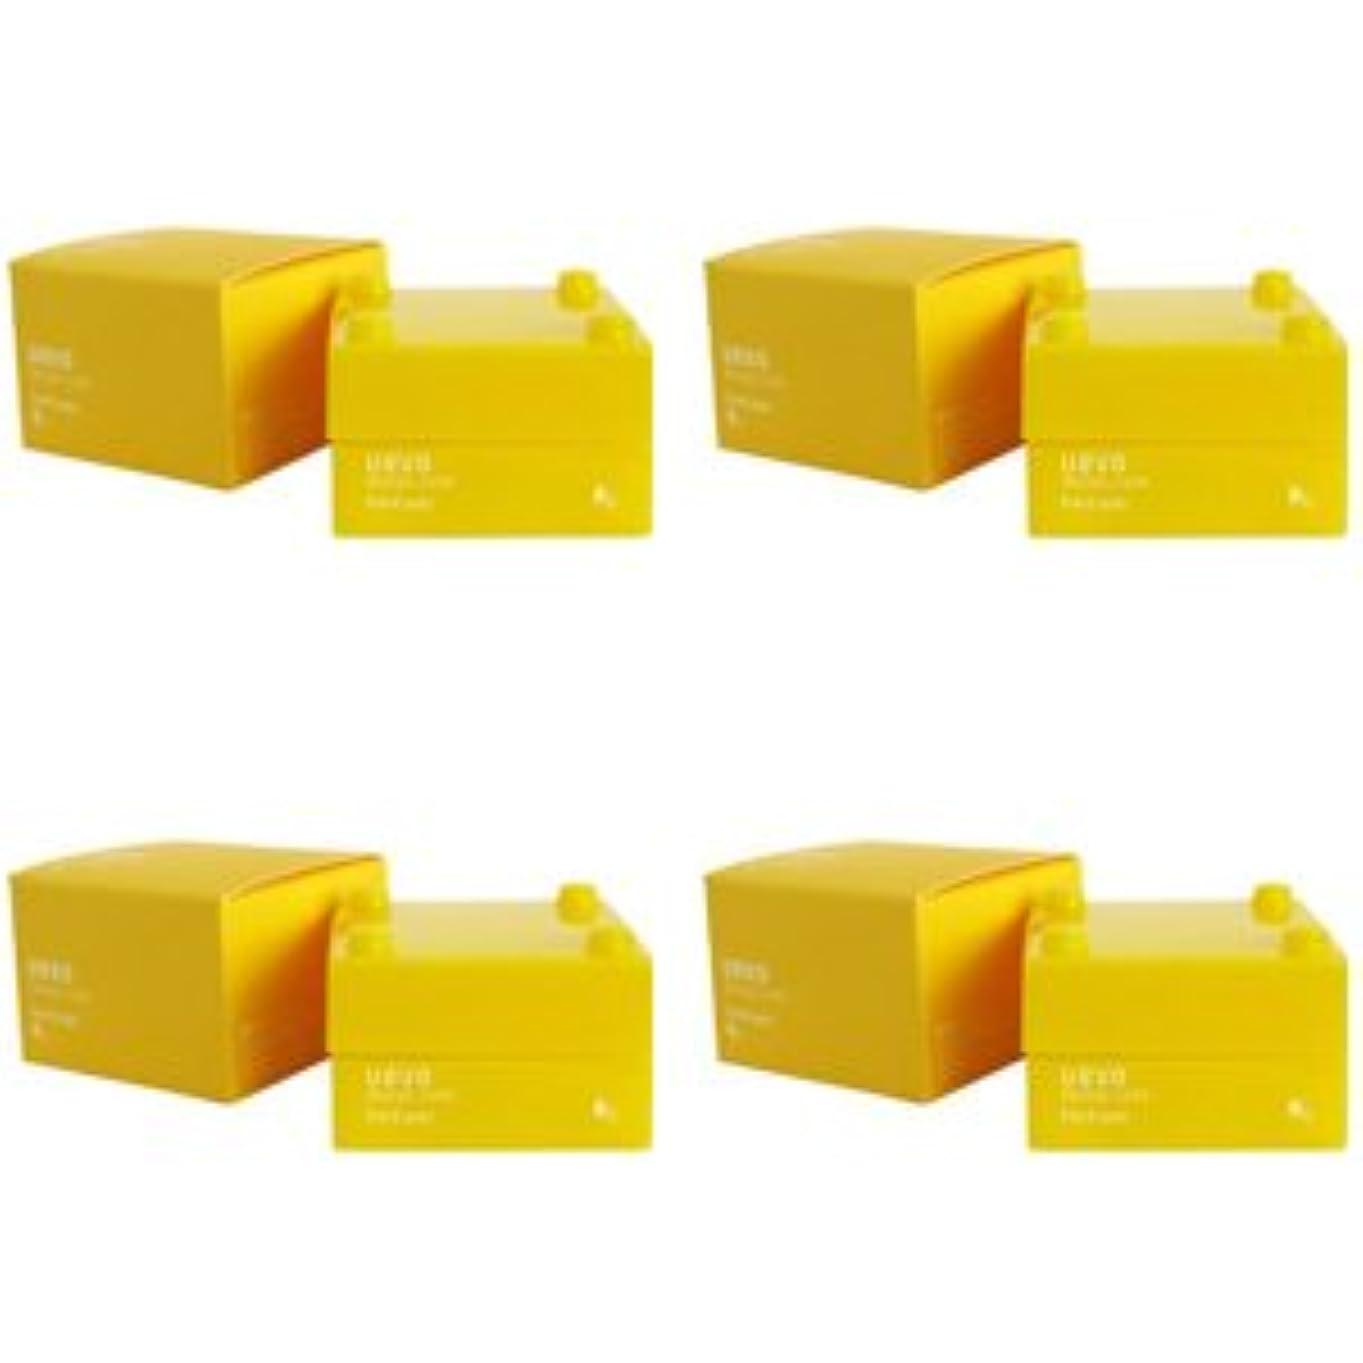 成熟した夏熱望する【X4個セット】 デミ ウェーボ デザインキューブ ハードワックス 30g hard wax DEMI uevo design cube